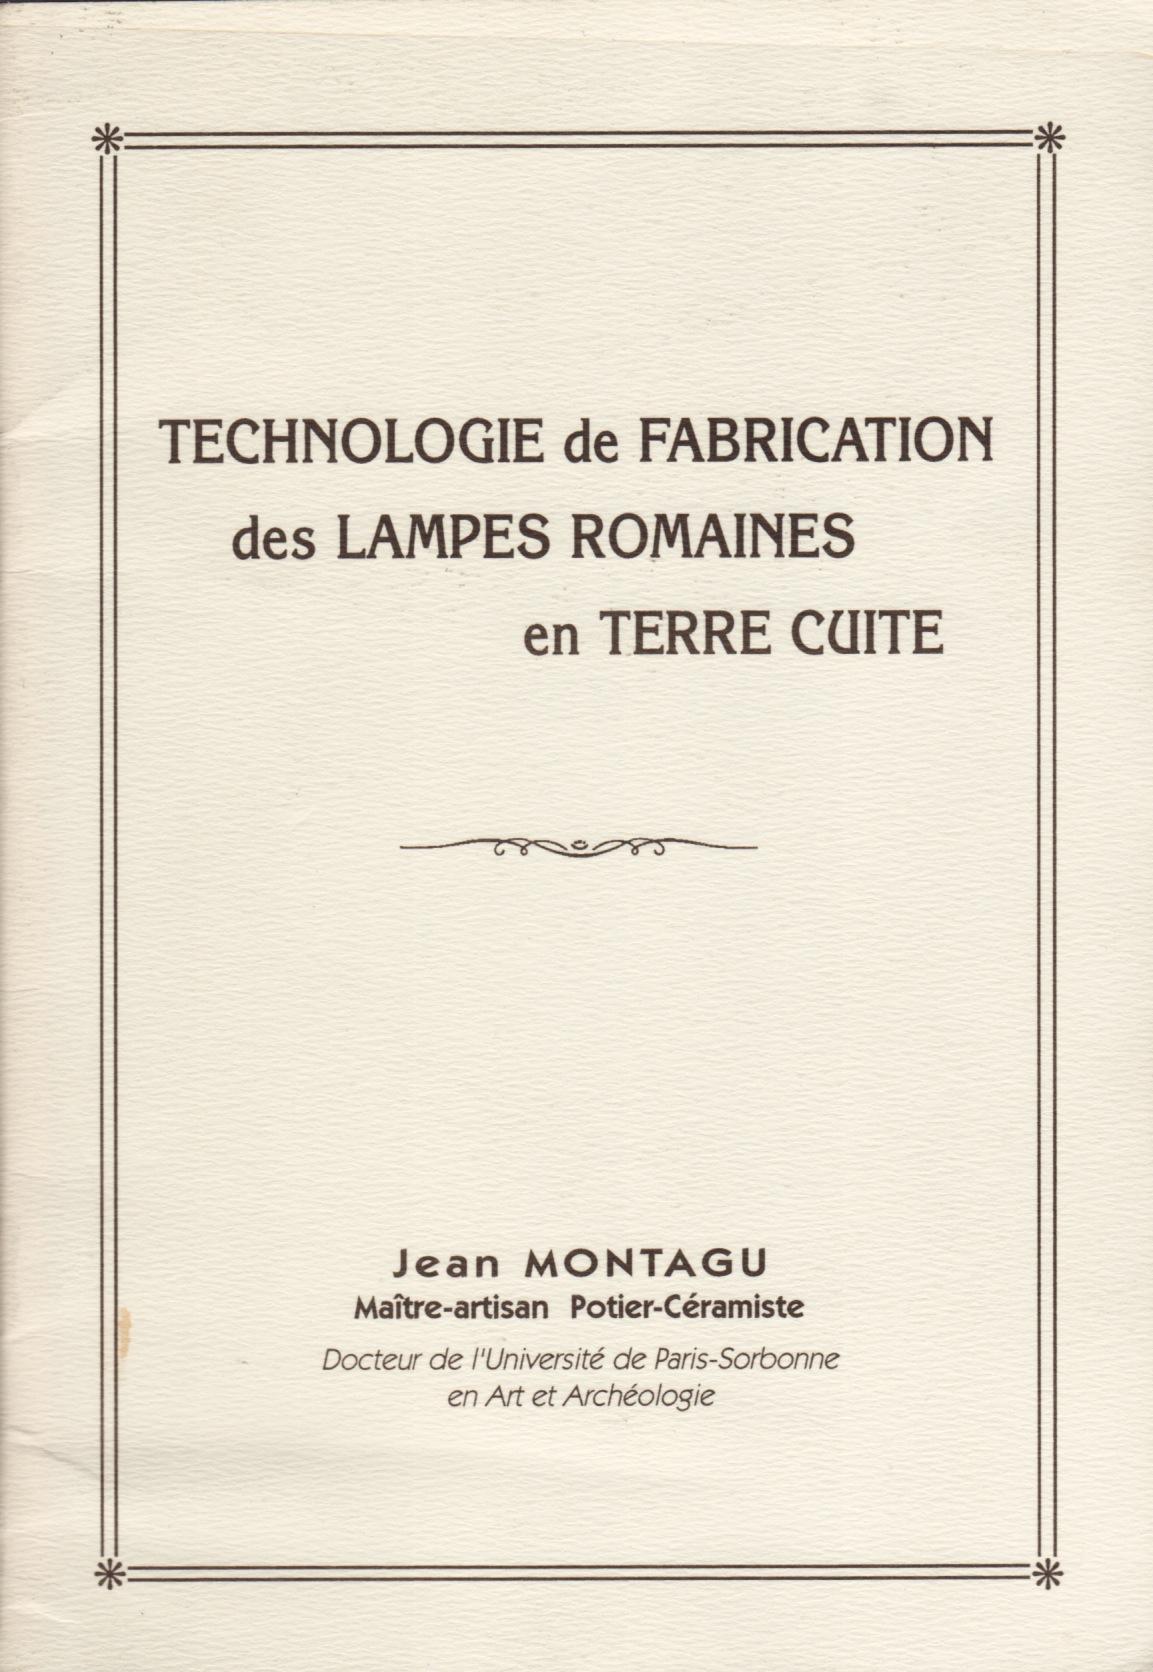 Montagu 1990